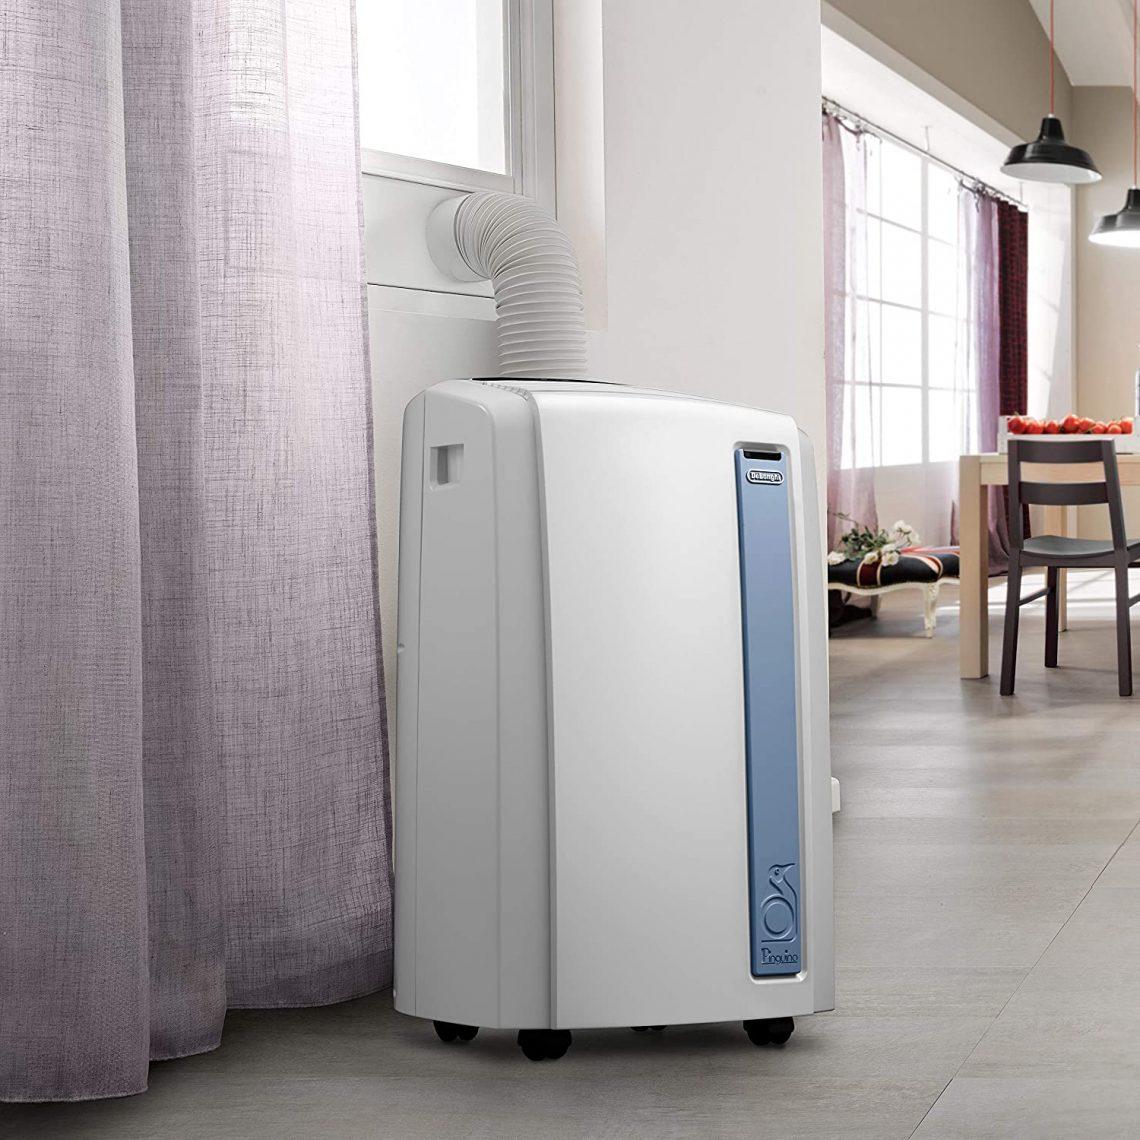 climatiseur Delonghi PACAN98 dans le vestibule